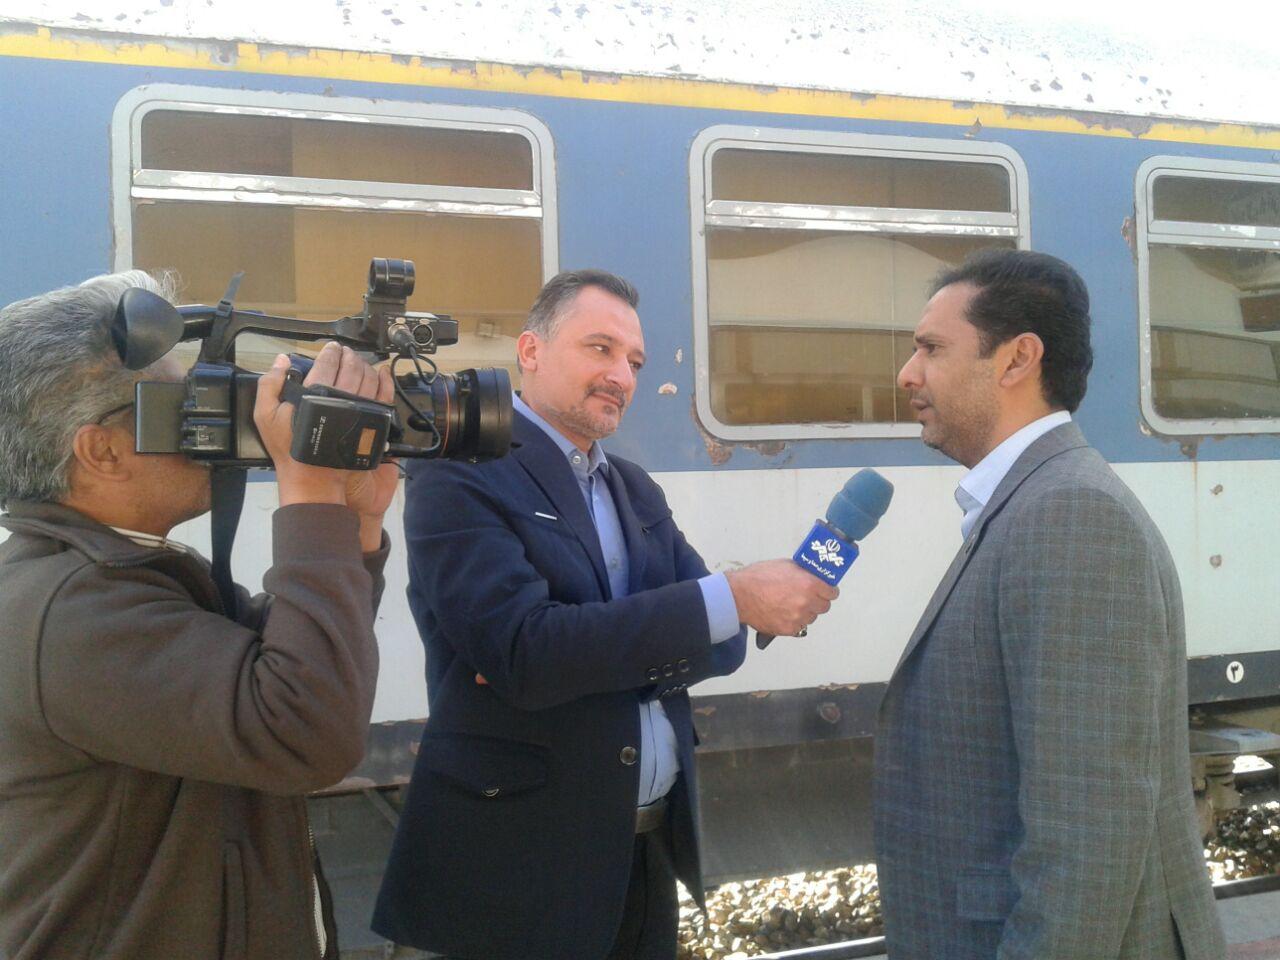 حمل ریلی رایگان کمک های مردمی به زلزله زدگان از ایستگاه راه آهن کرمان و زاهدان